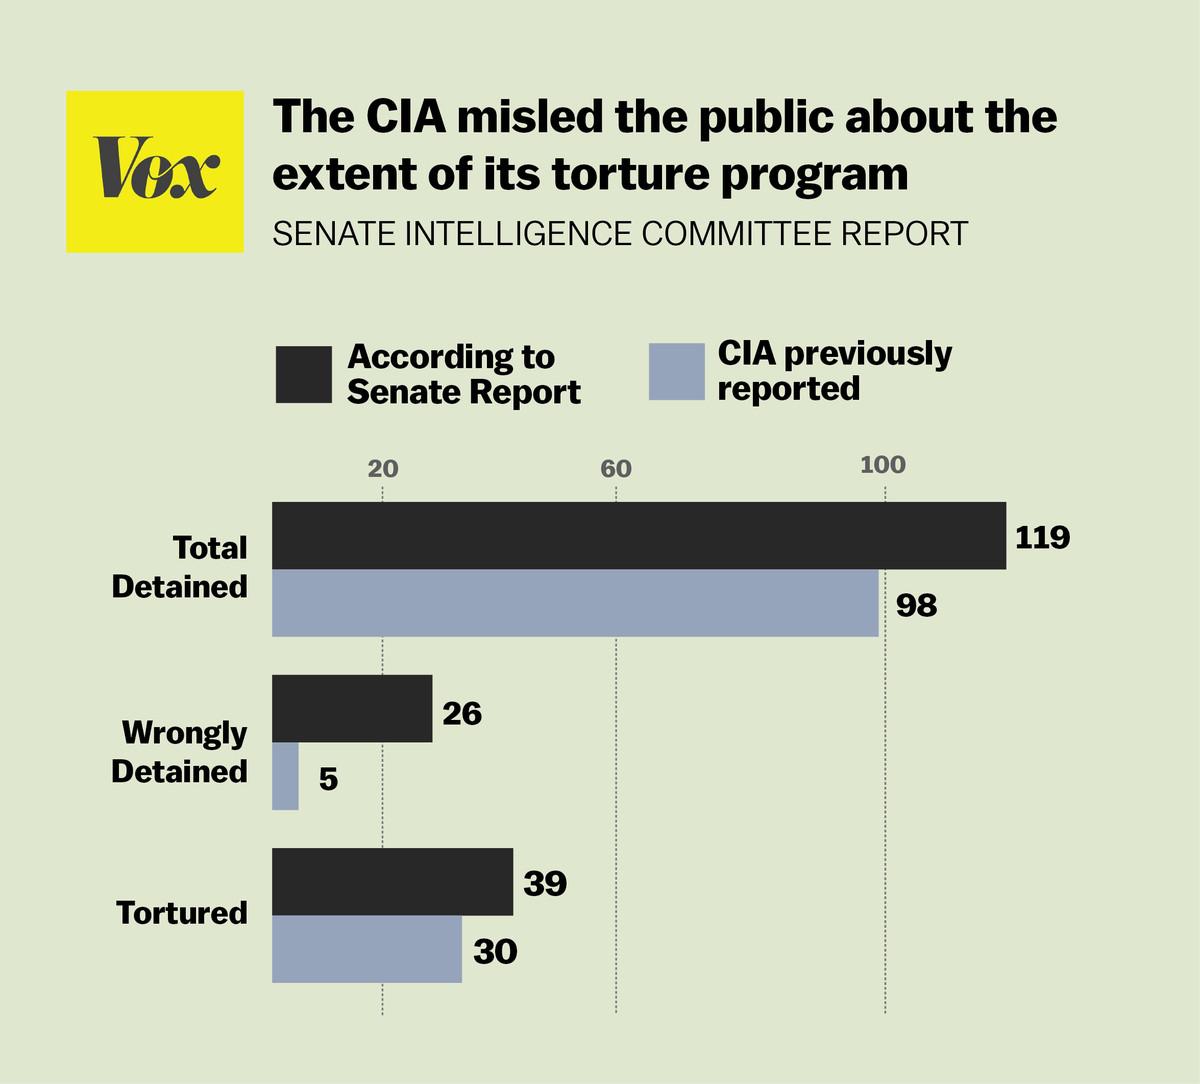 CIA misled public